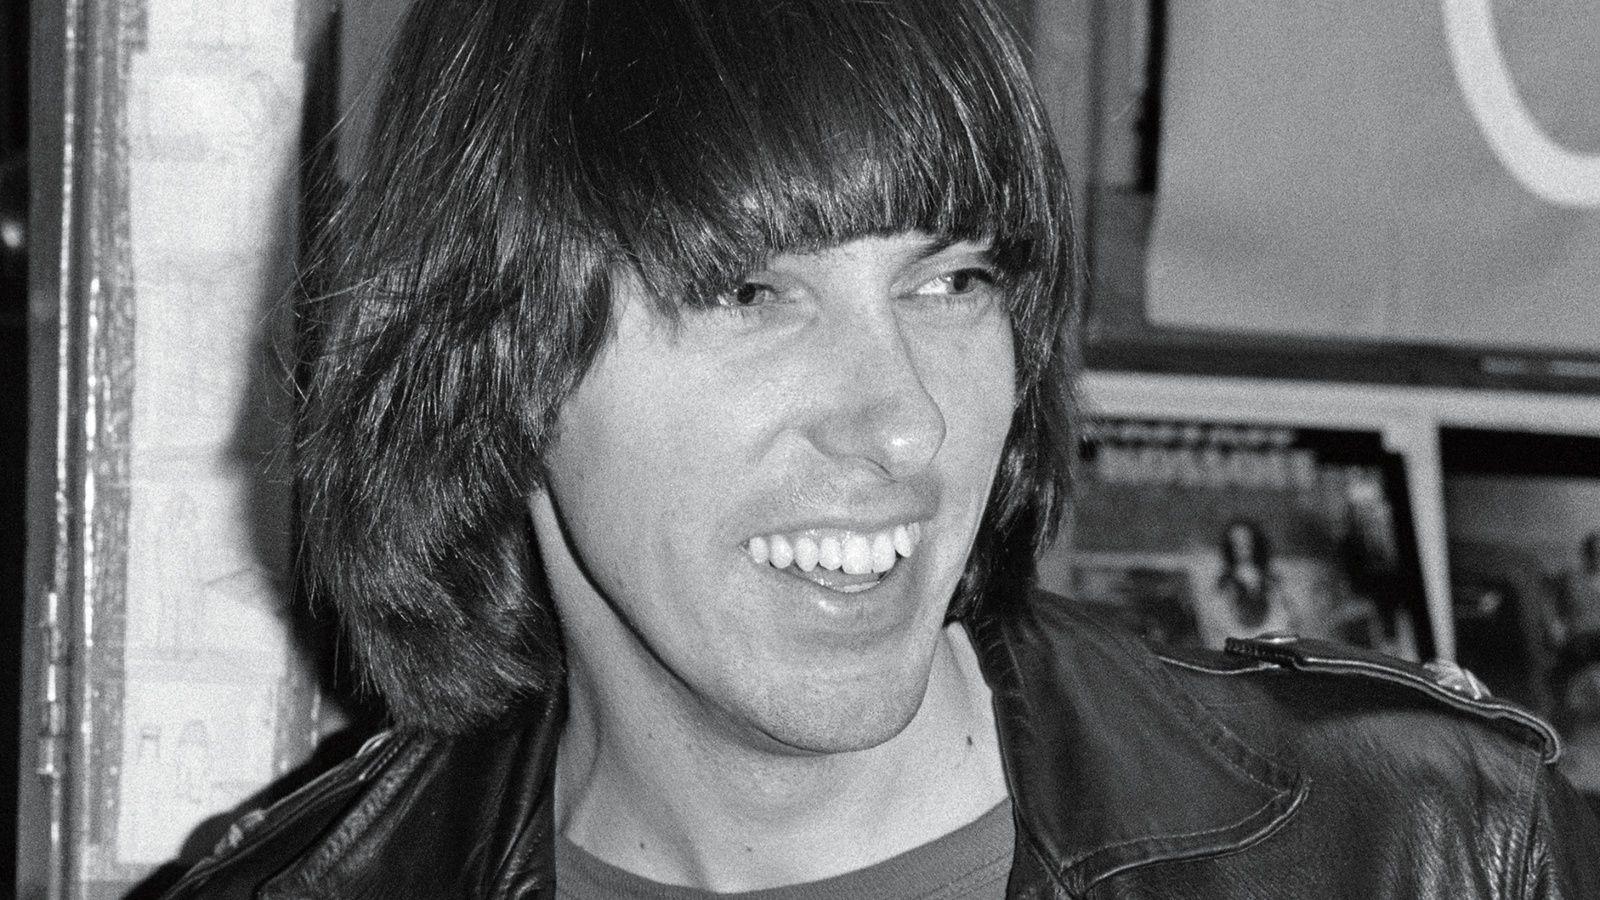 Johnny Ramone, The Ramones